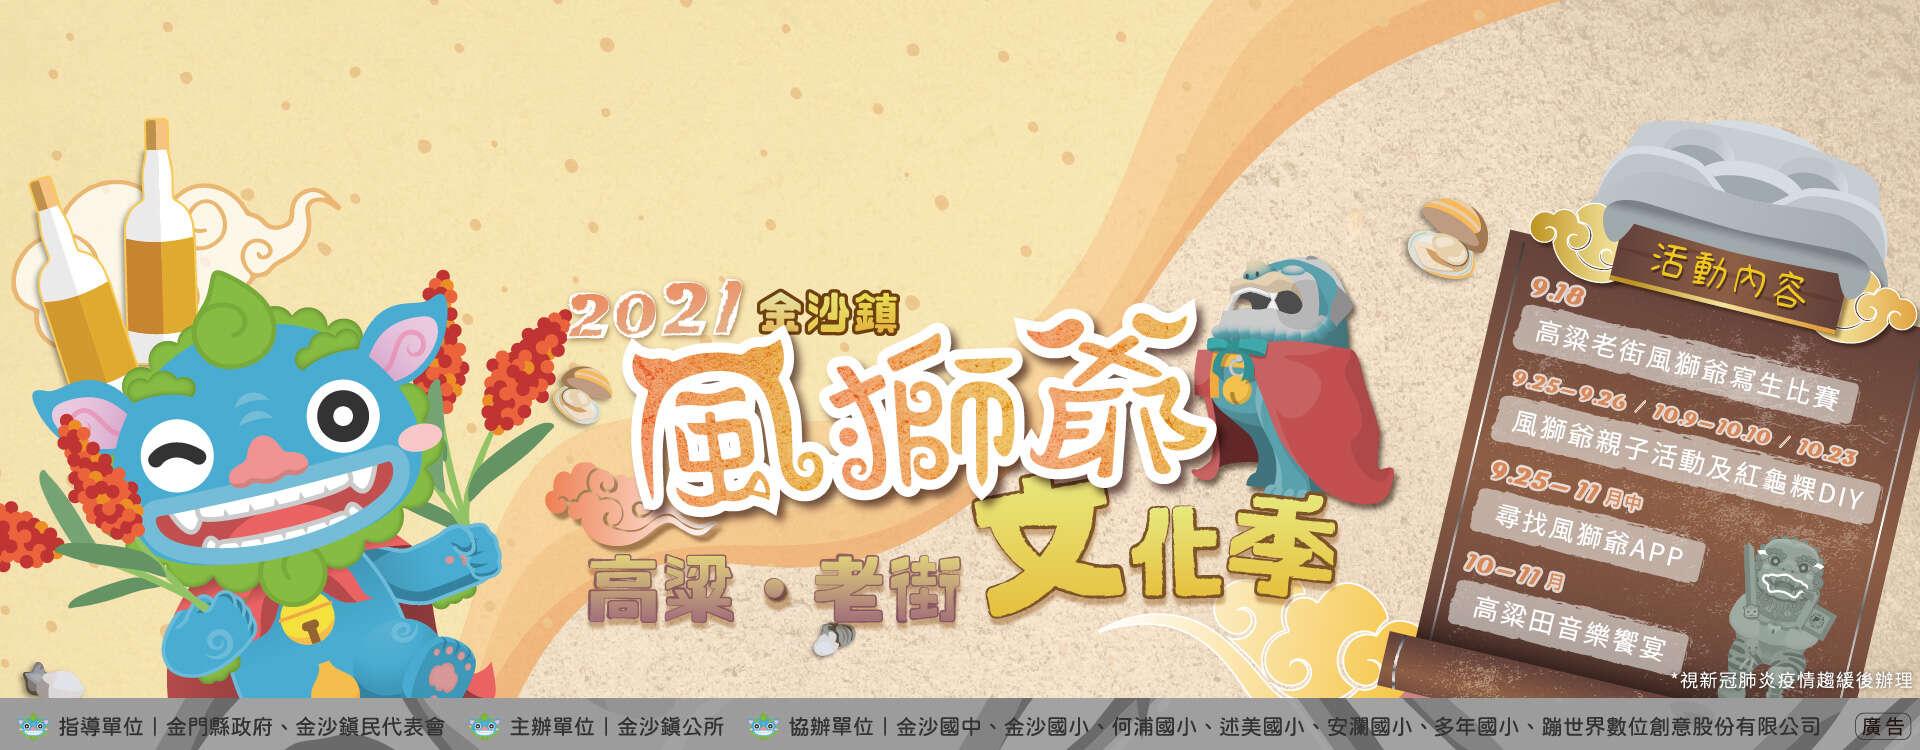 2021高粱老街風獅爺文化季